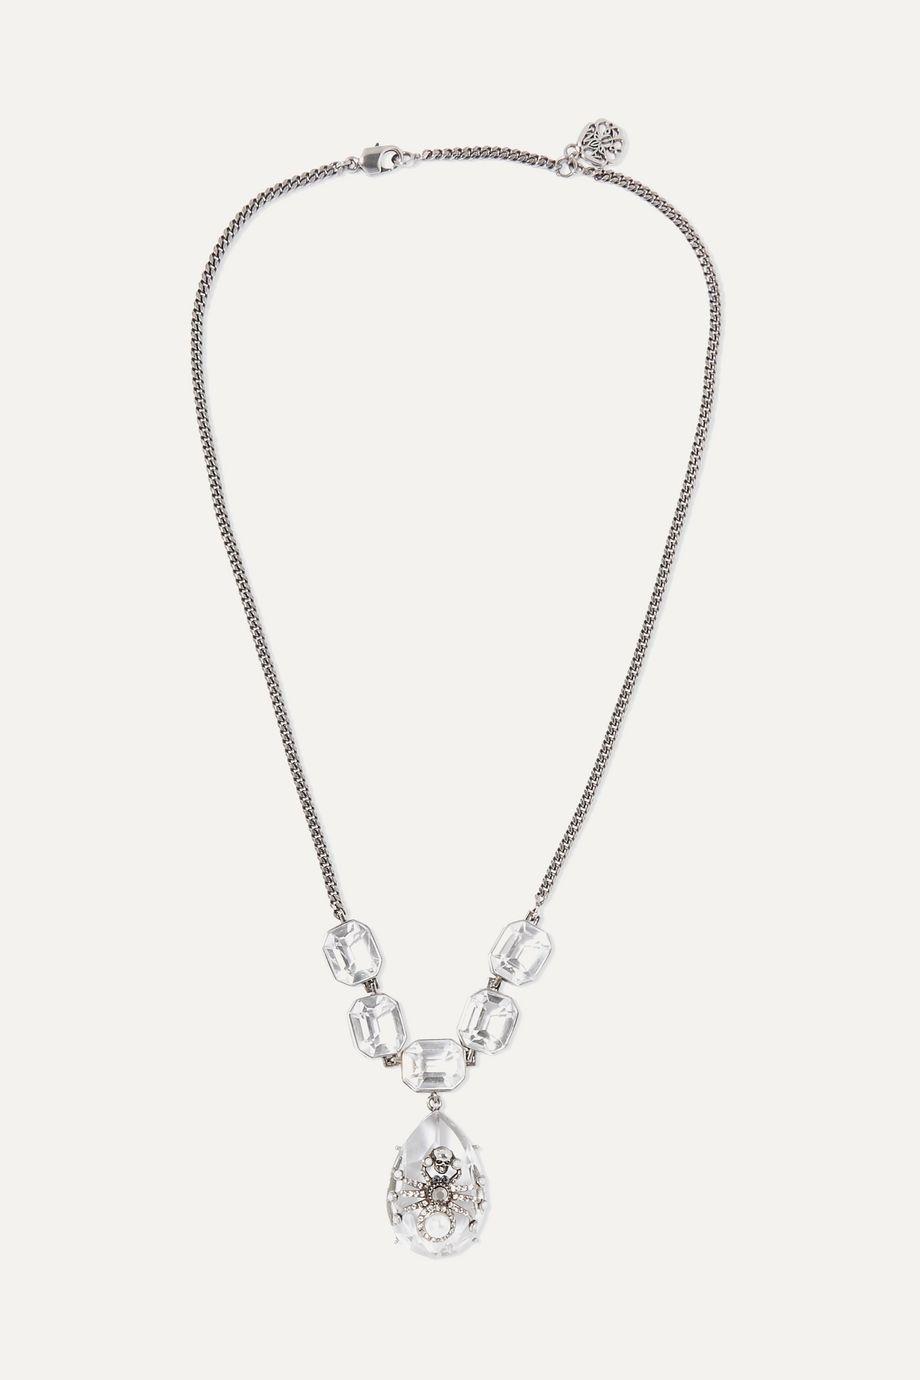 Alexander McQueen Collier en métal argenté, cristaux et perles synthétiques